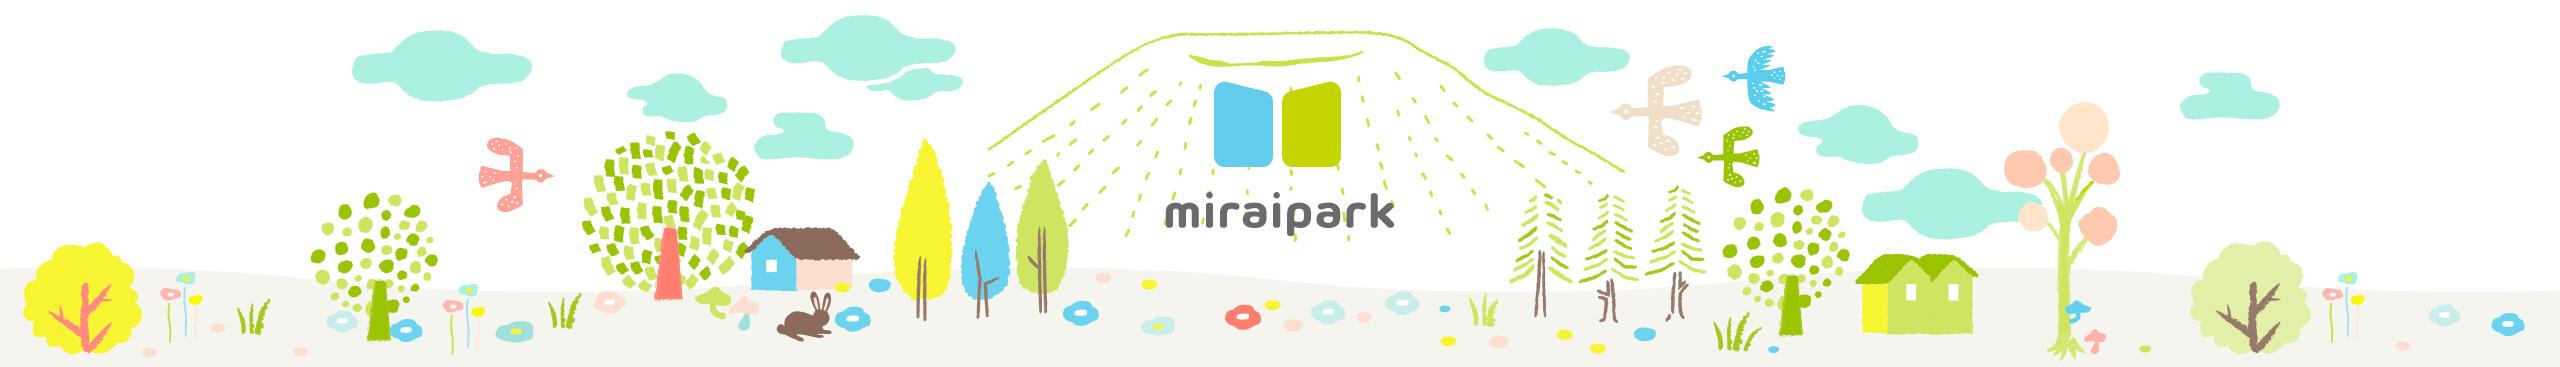 miraipark